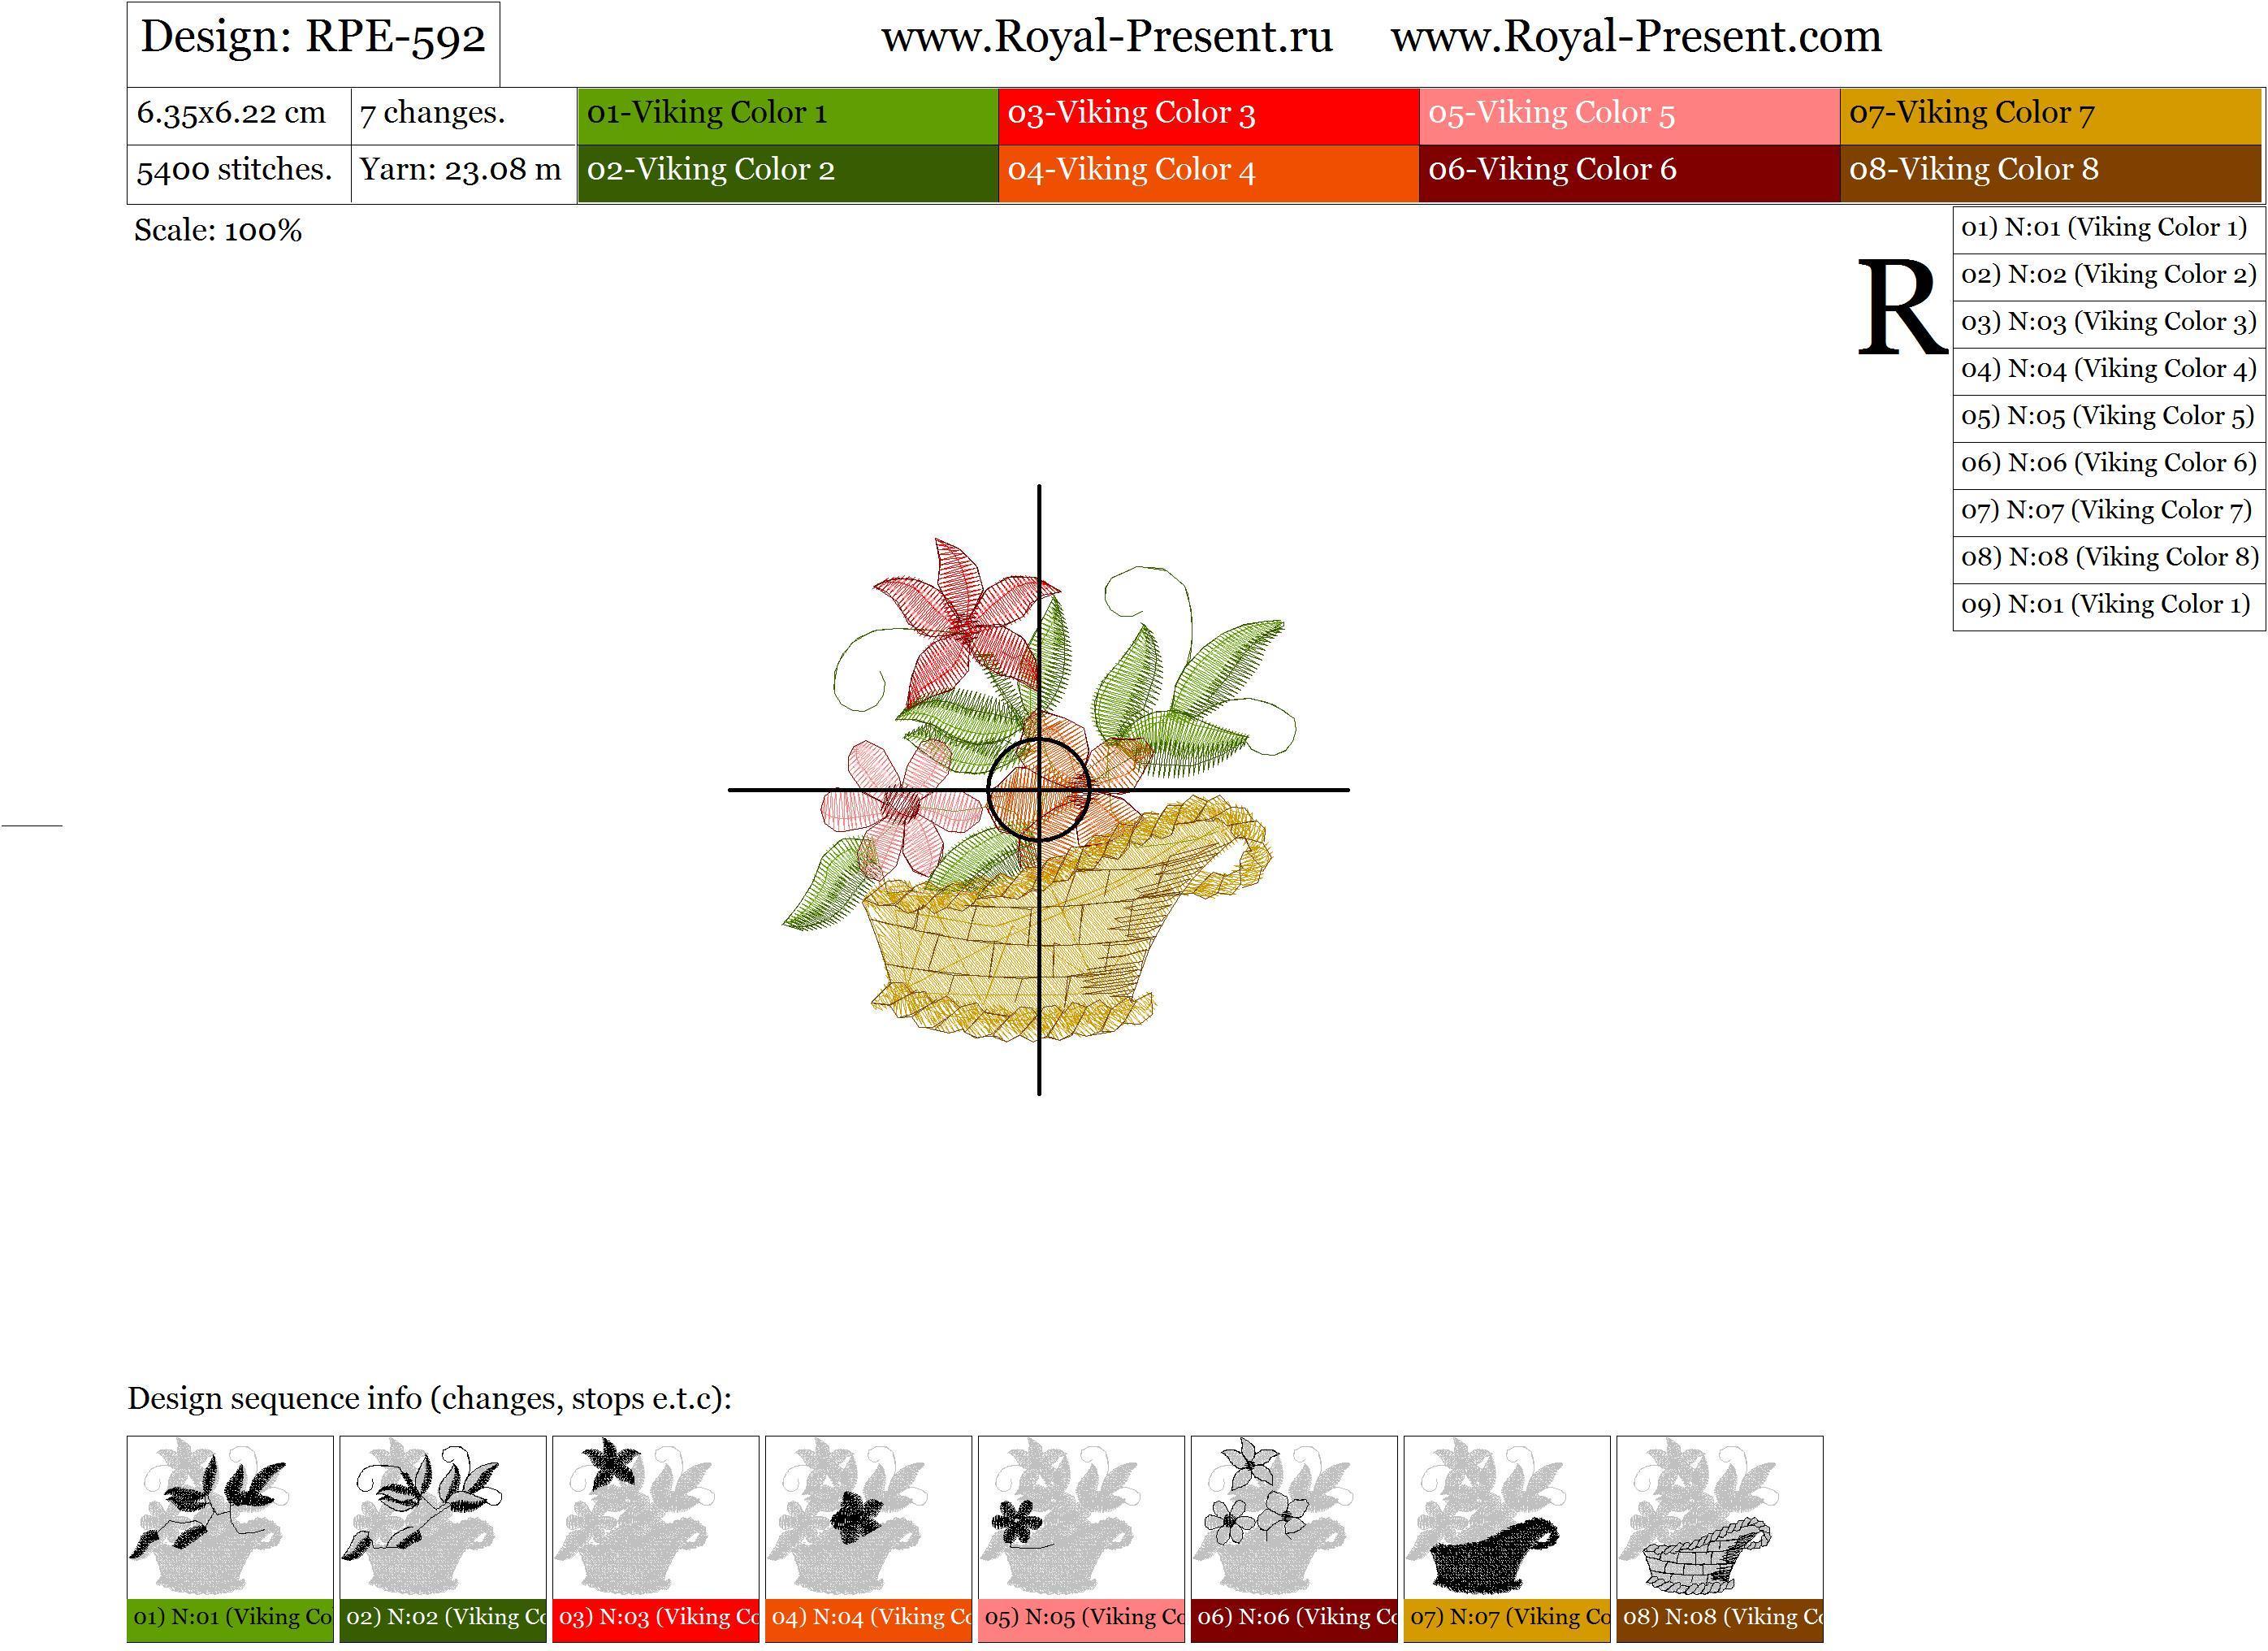 Дизайн для машинной вышивки бесплатно - Цветочная корзинка